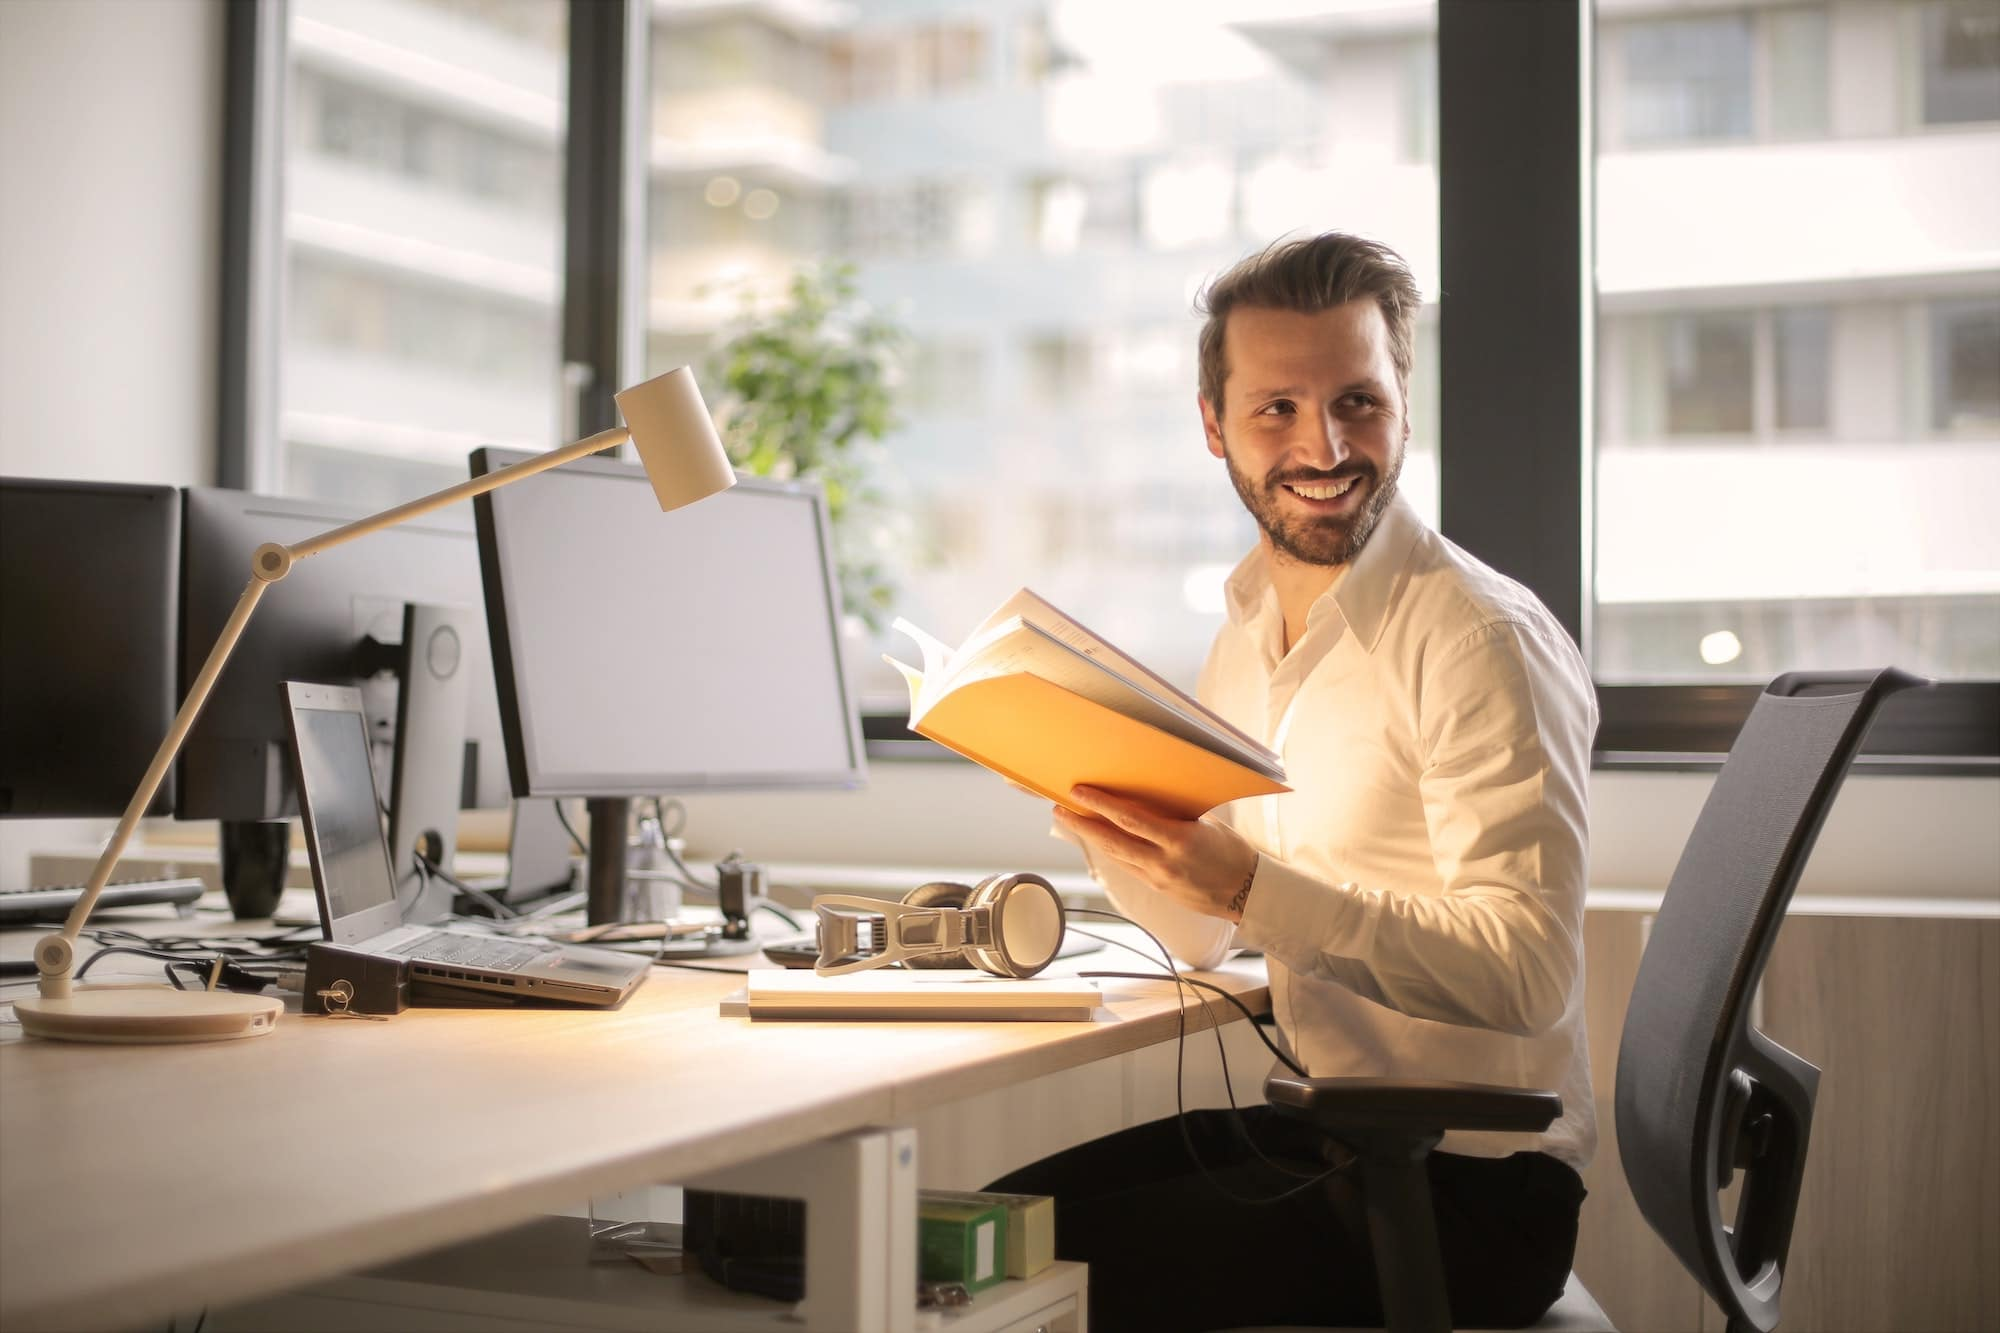 Homme au bureau